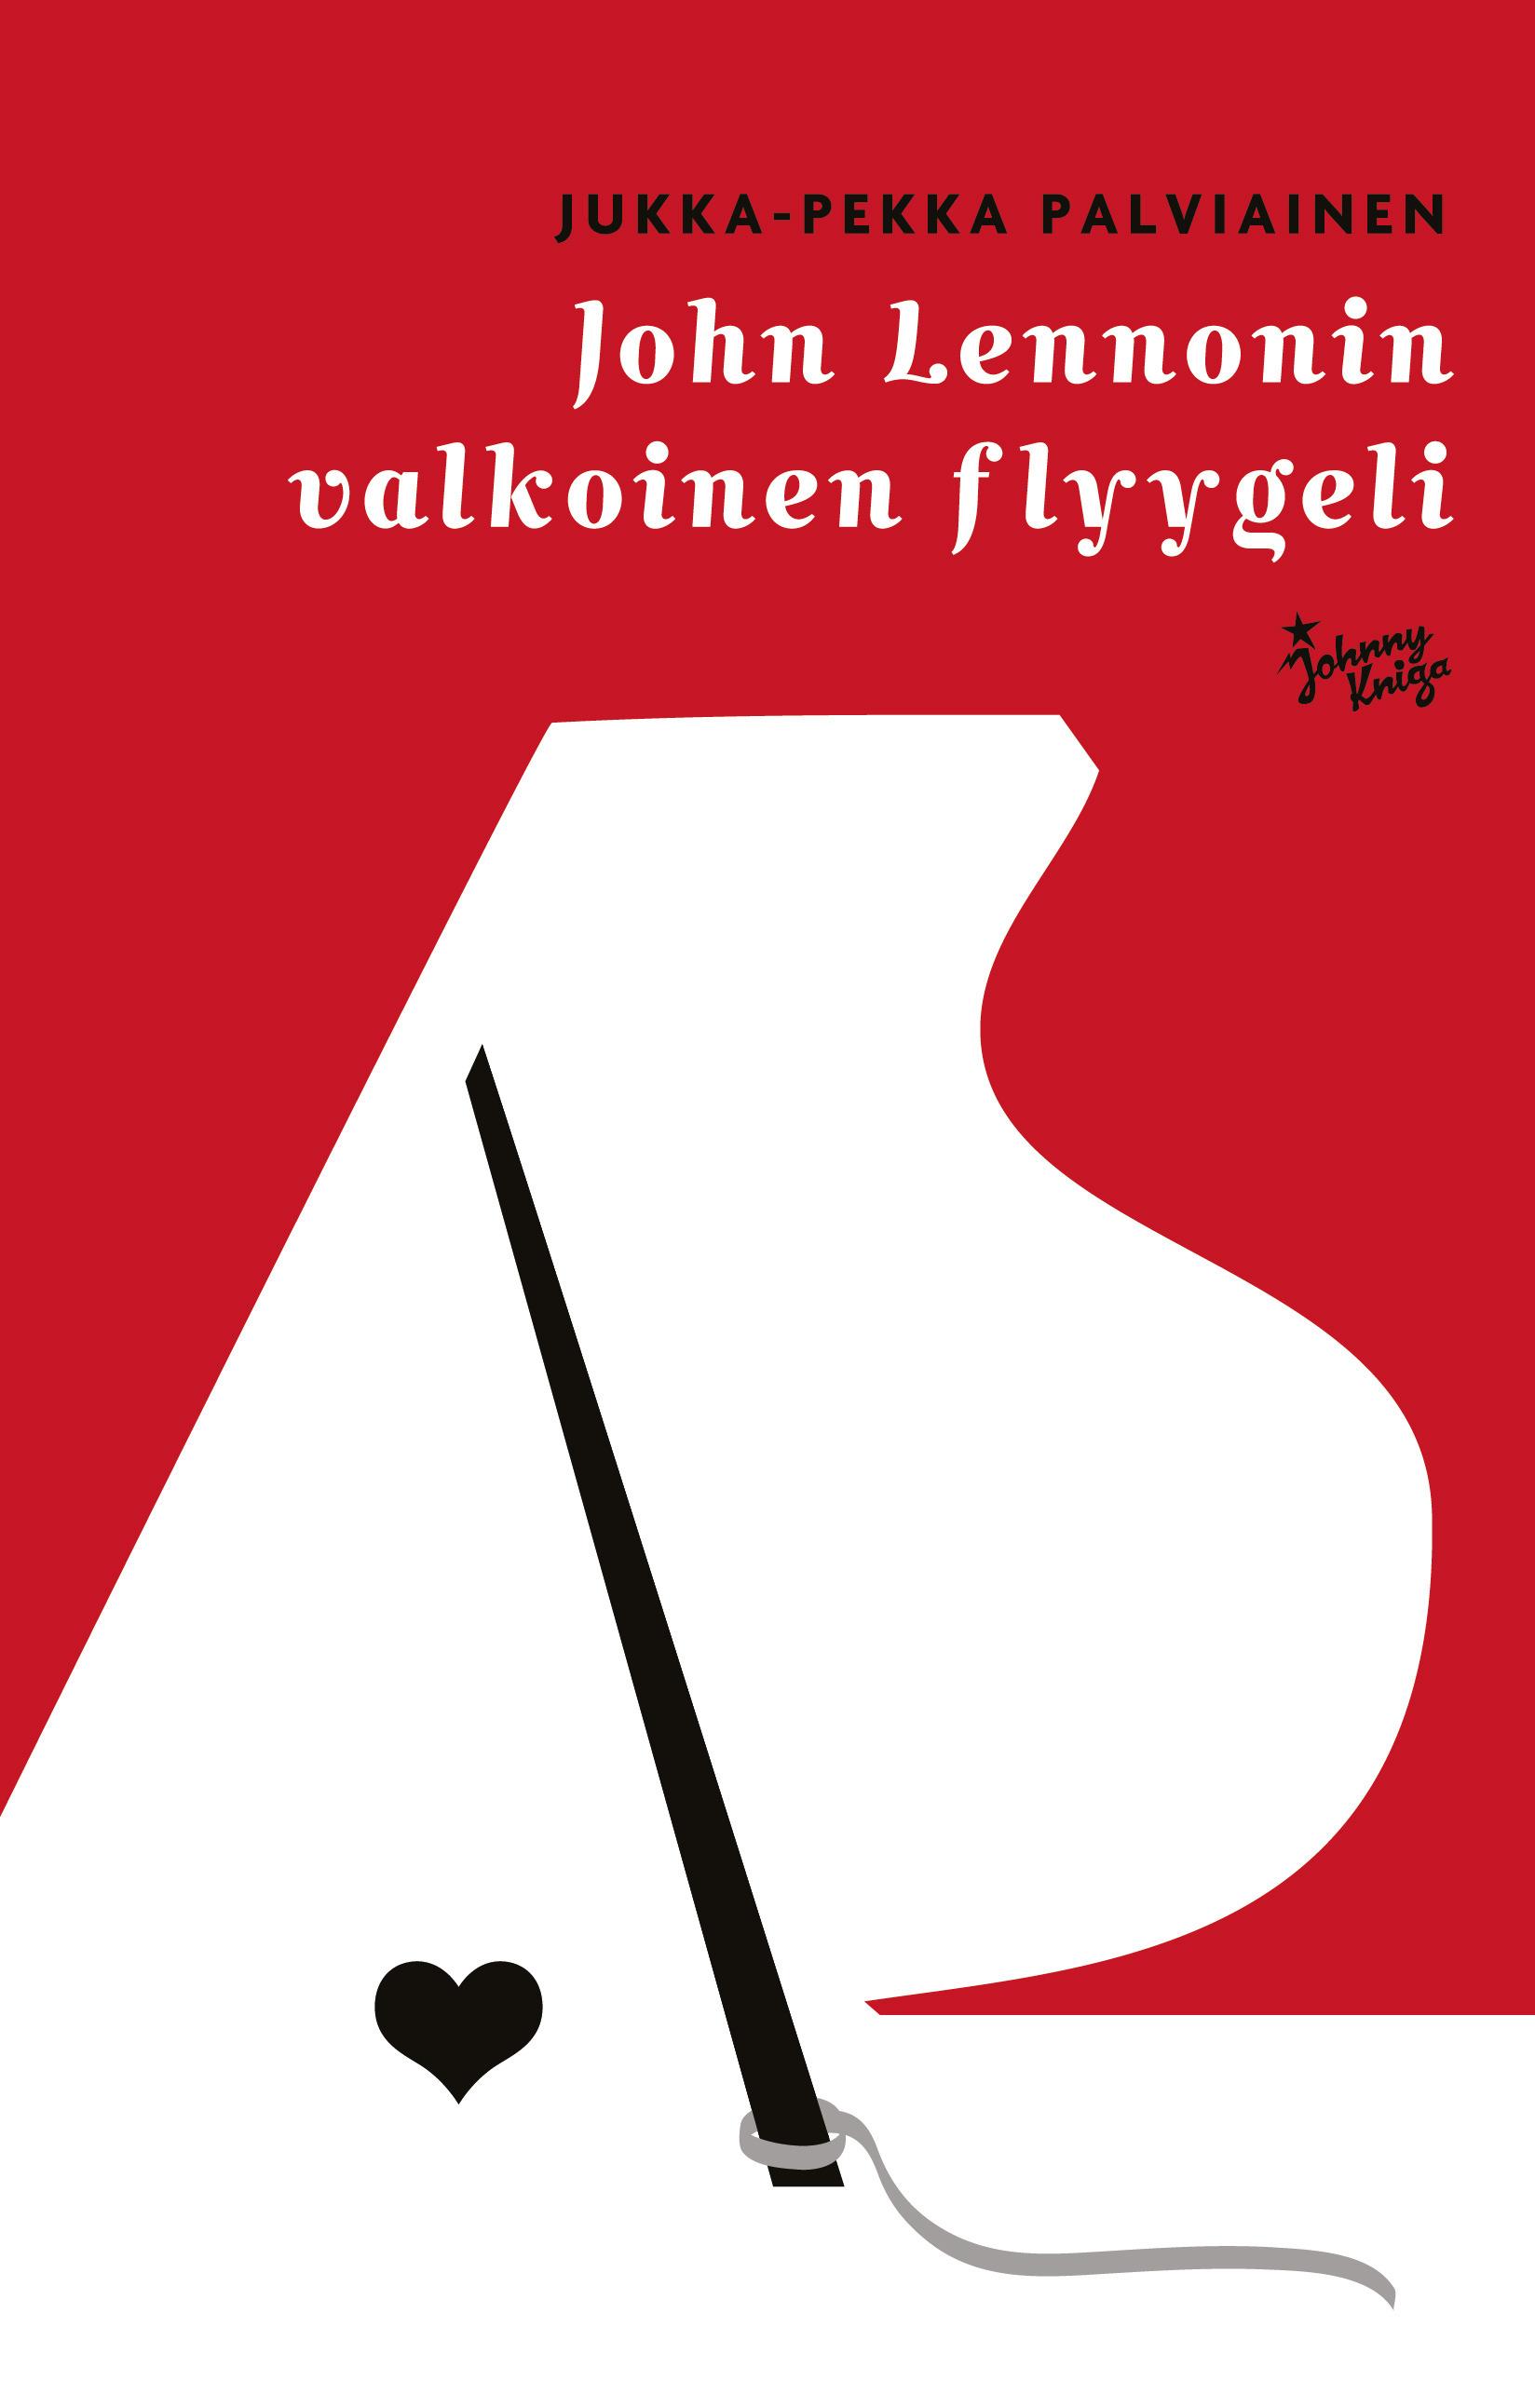 Palviainen, Jukka-Pekka - John Lennonin valkoinen flyygeli, e-kirja